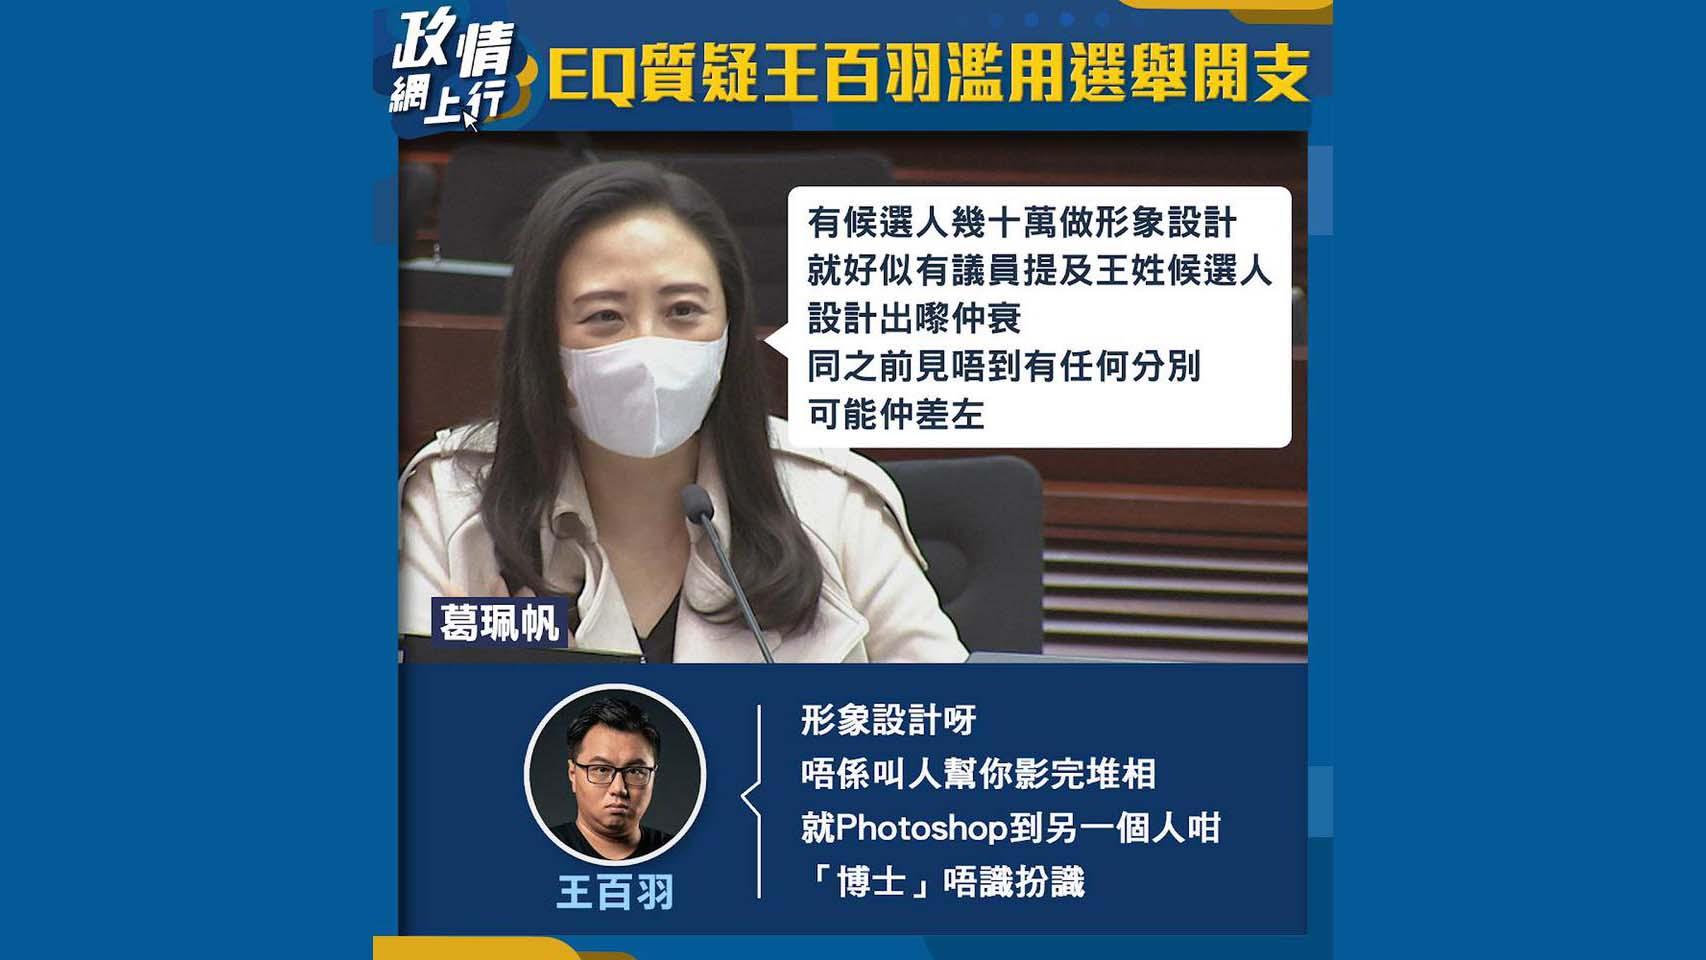 【政情網上行】EQ質疑王百羽濫用選舉開支